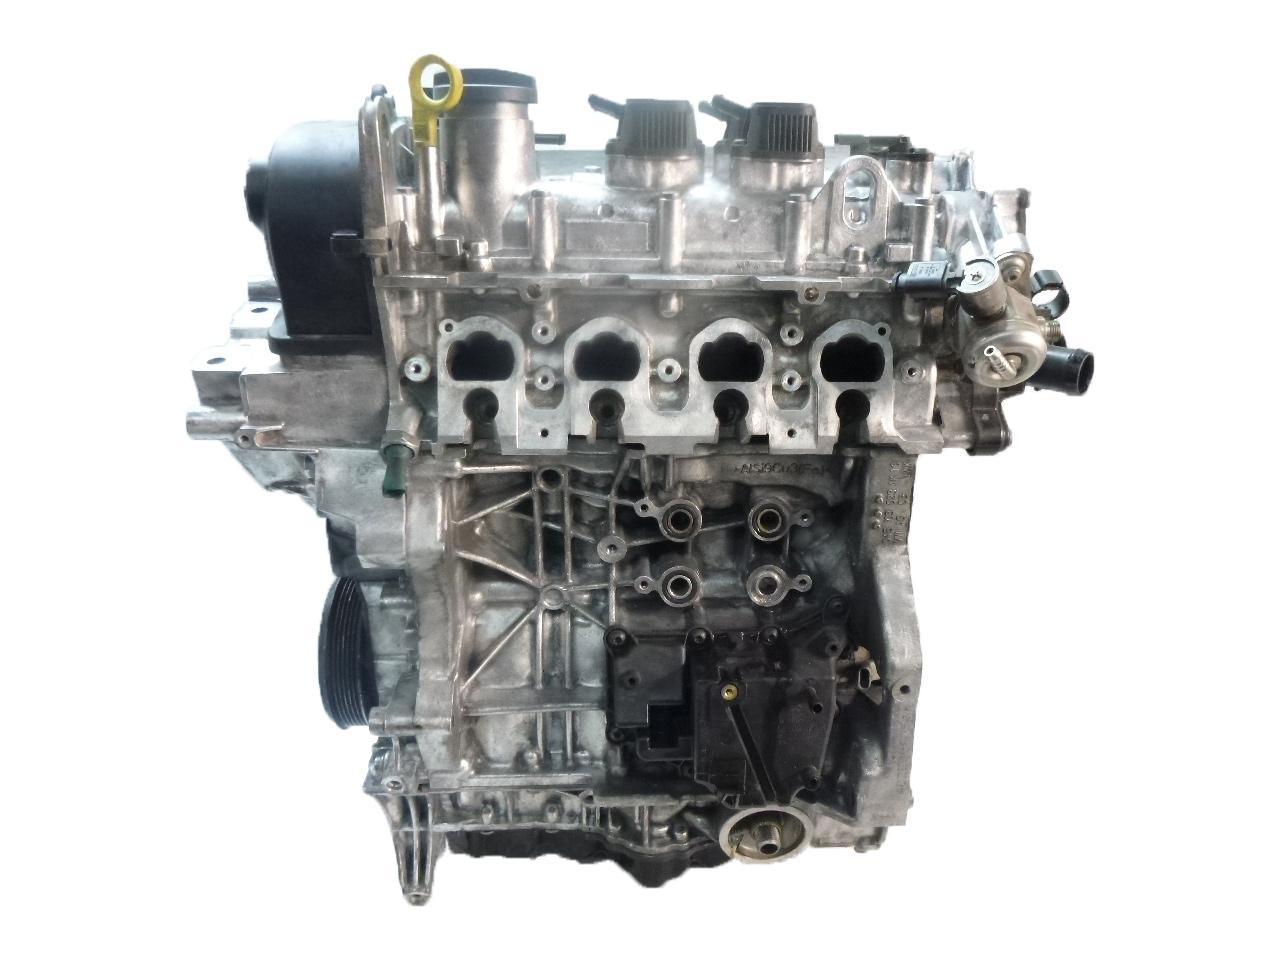 Motor Audi Seat Skoda VW Q3 Ateca Ibiza Leon Superb Golf Passat 1,4 TSI CZE CZEA